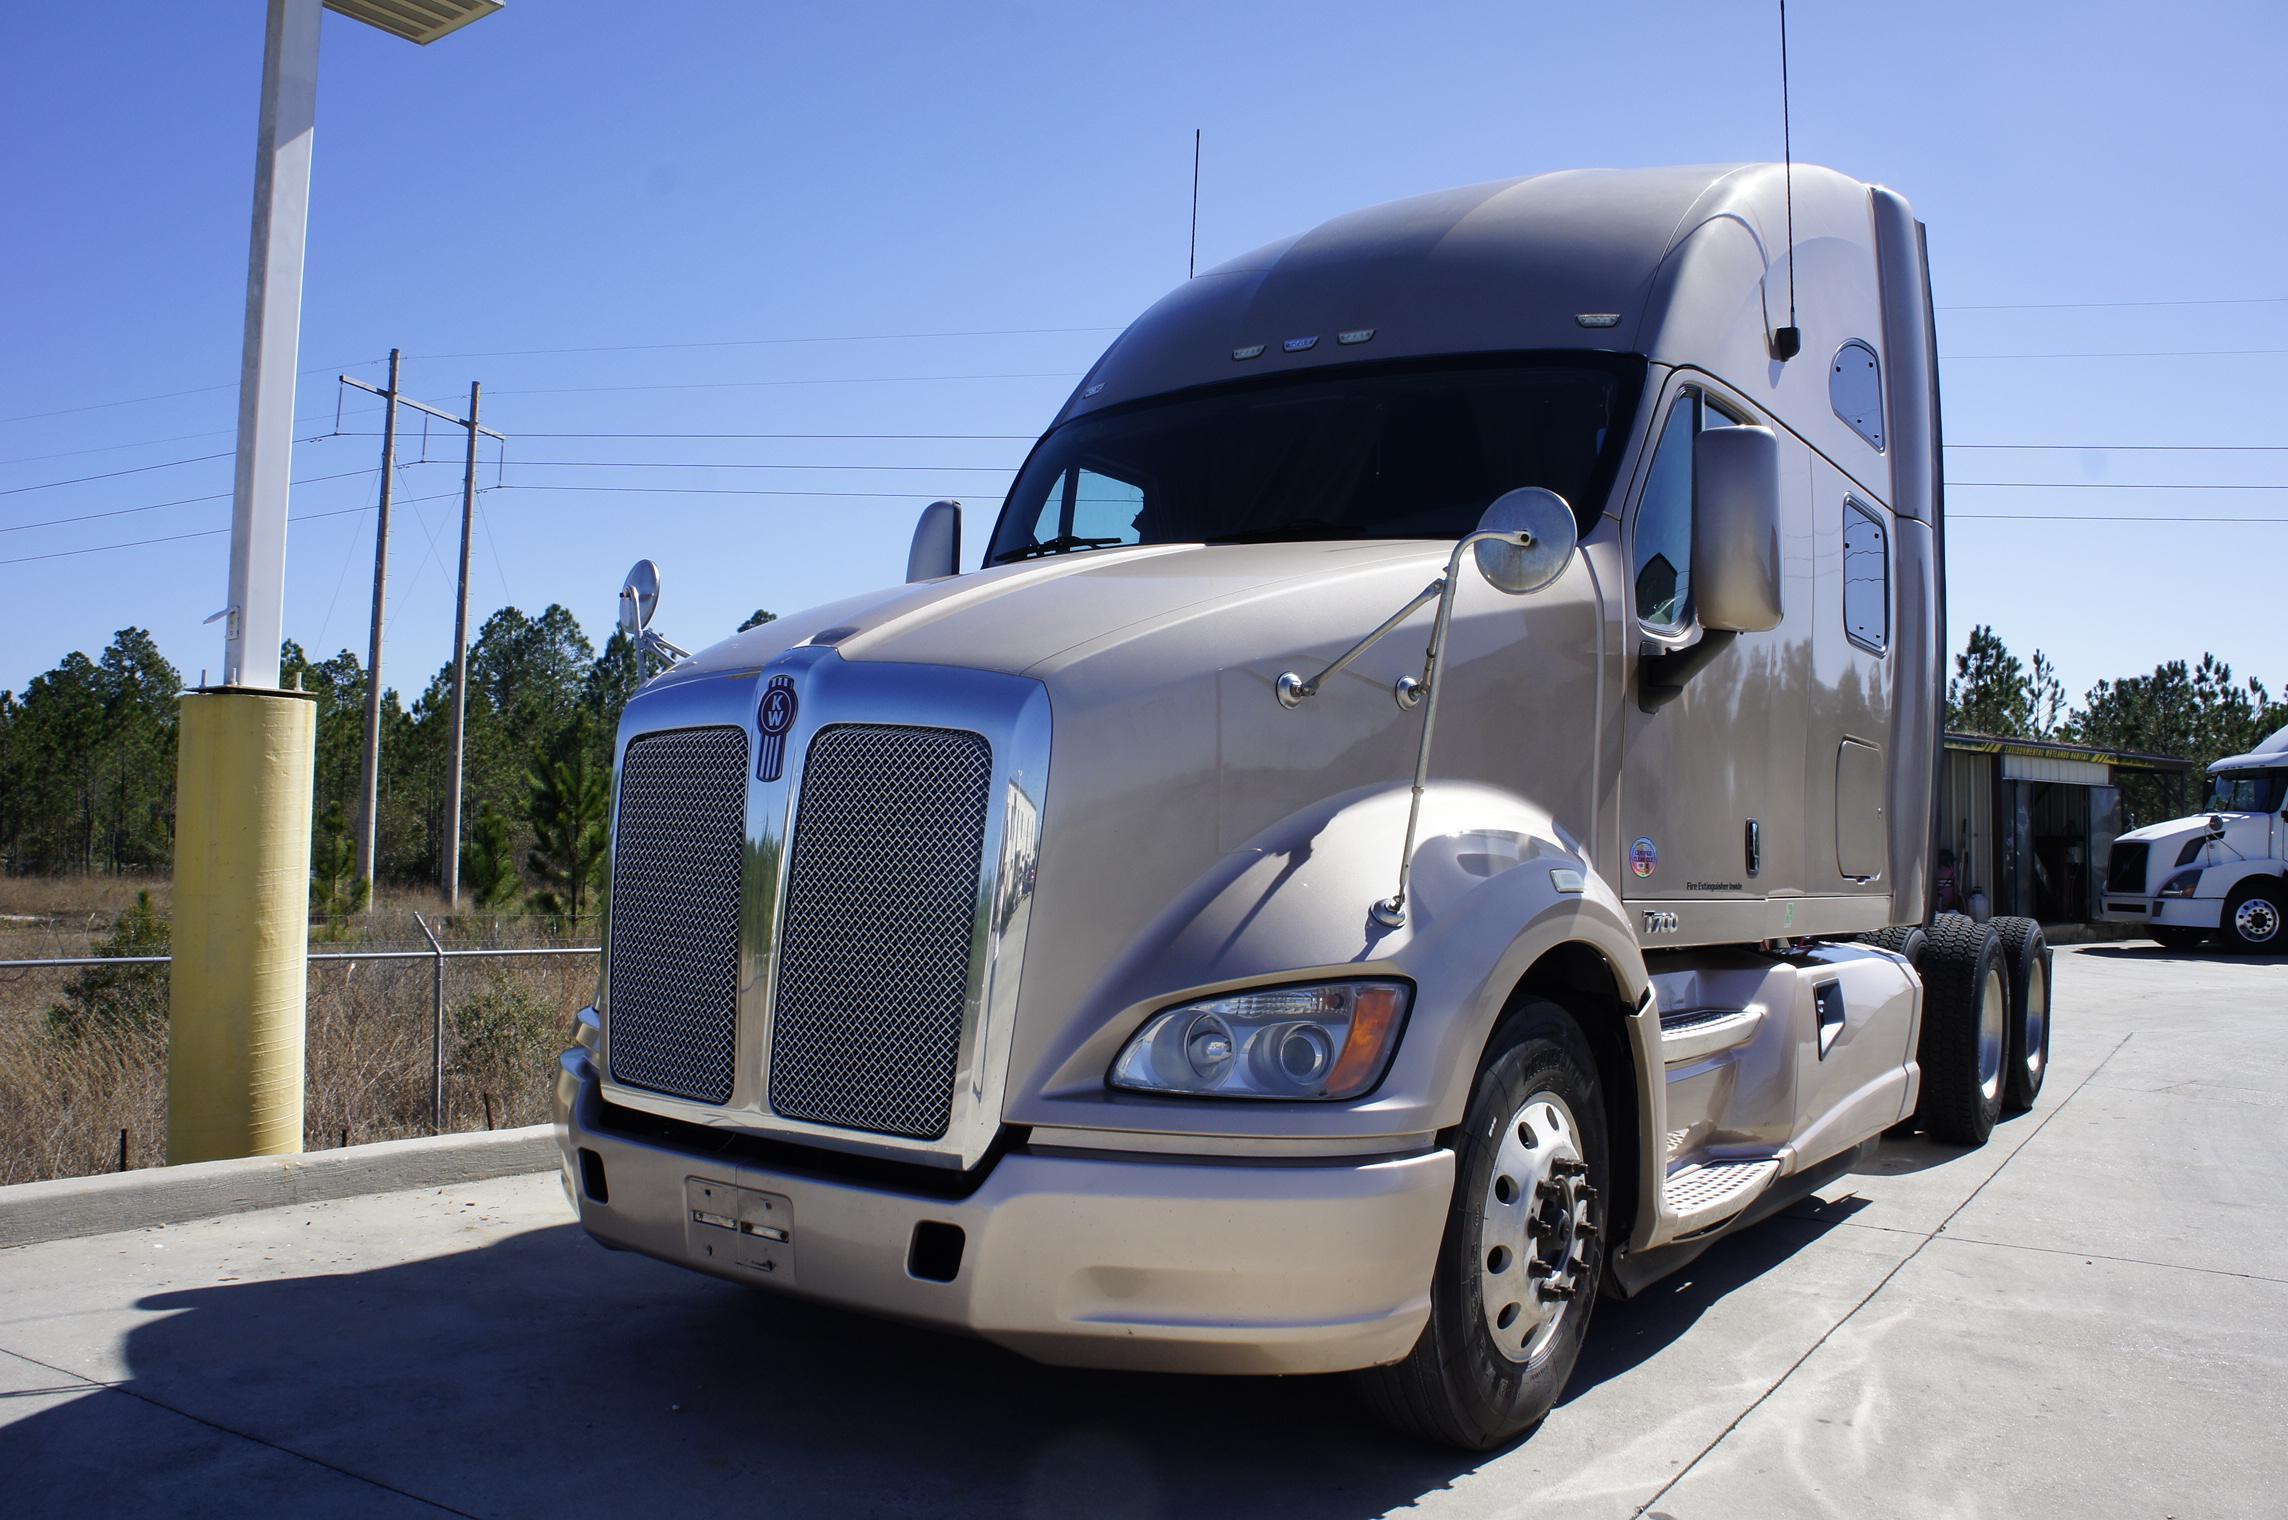 USED 2012 KENWORTH T700 SLEEPER TRUCK #131838